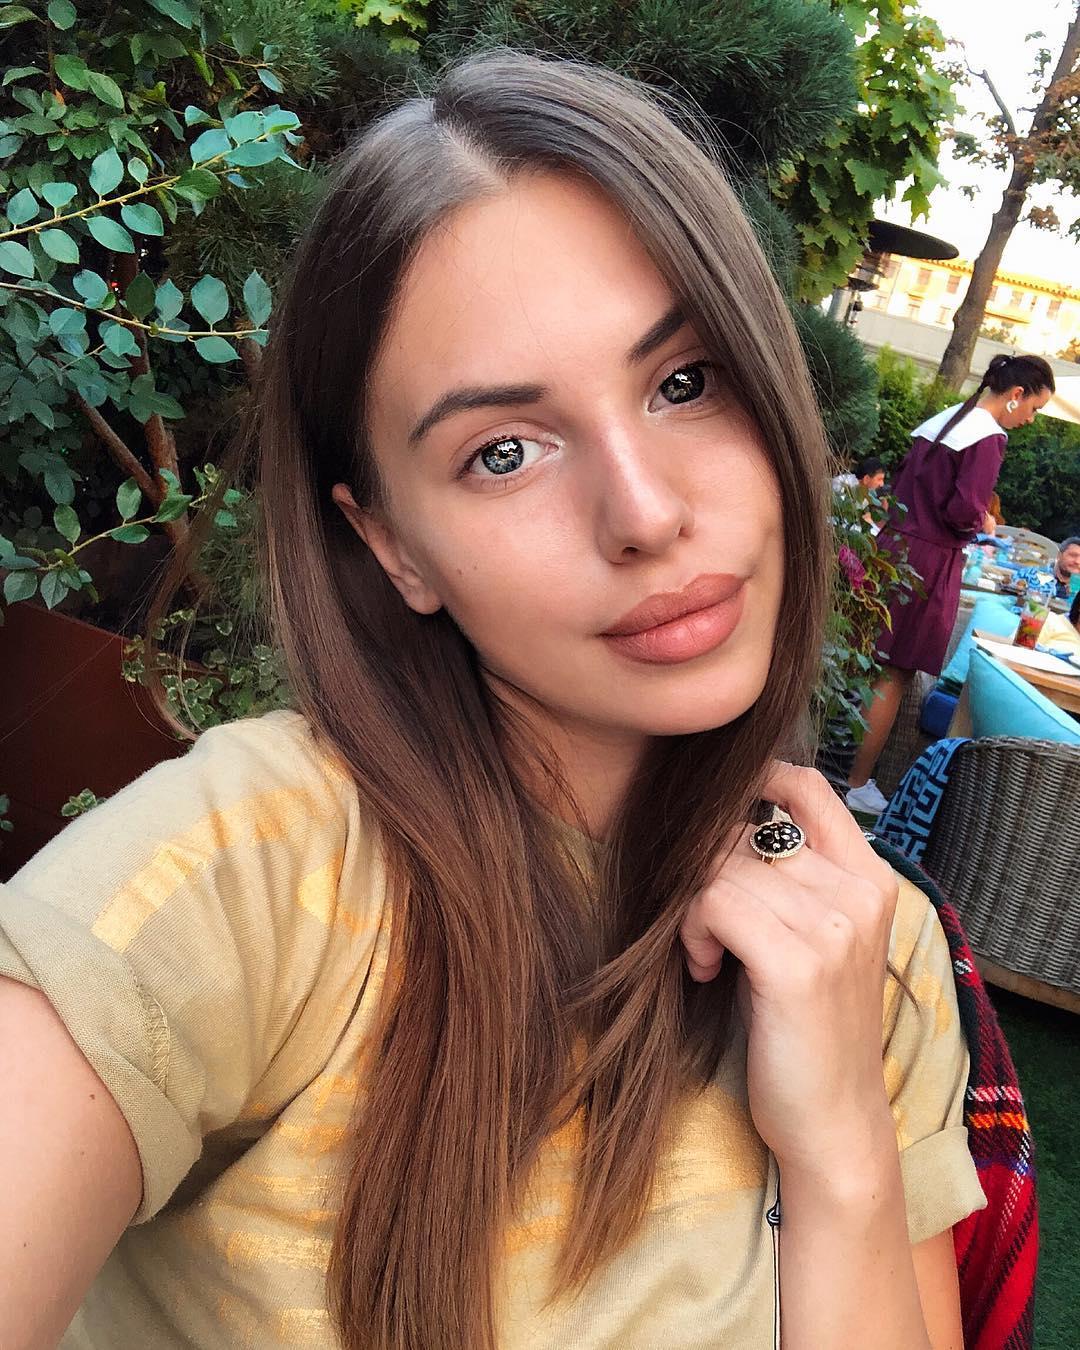 Артемова саша фото в инстаграм